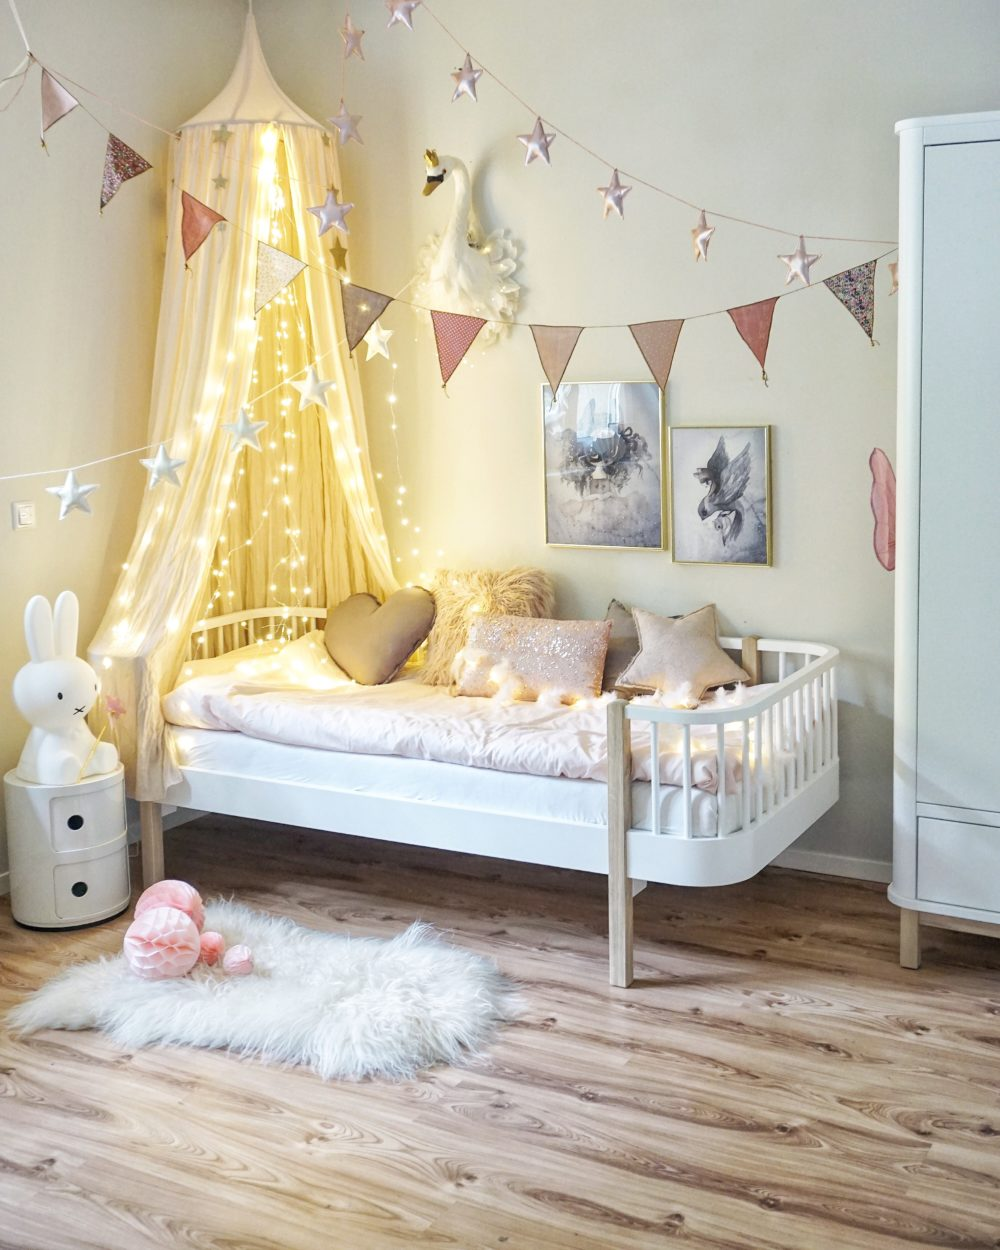 Full Size of Kinderzimmer Prinzessin Mdchen Schlafen Wie Eine Regal Weiß Regale Prinzessinen Bett Sofa Kinderzimmer Kinderzimmer Prinzessin